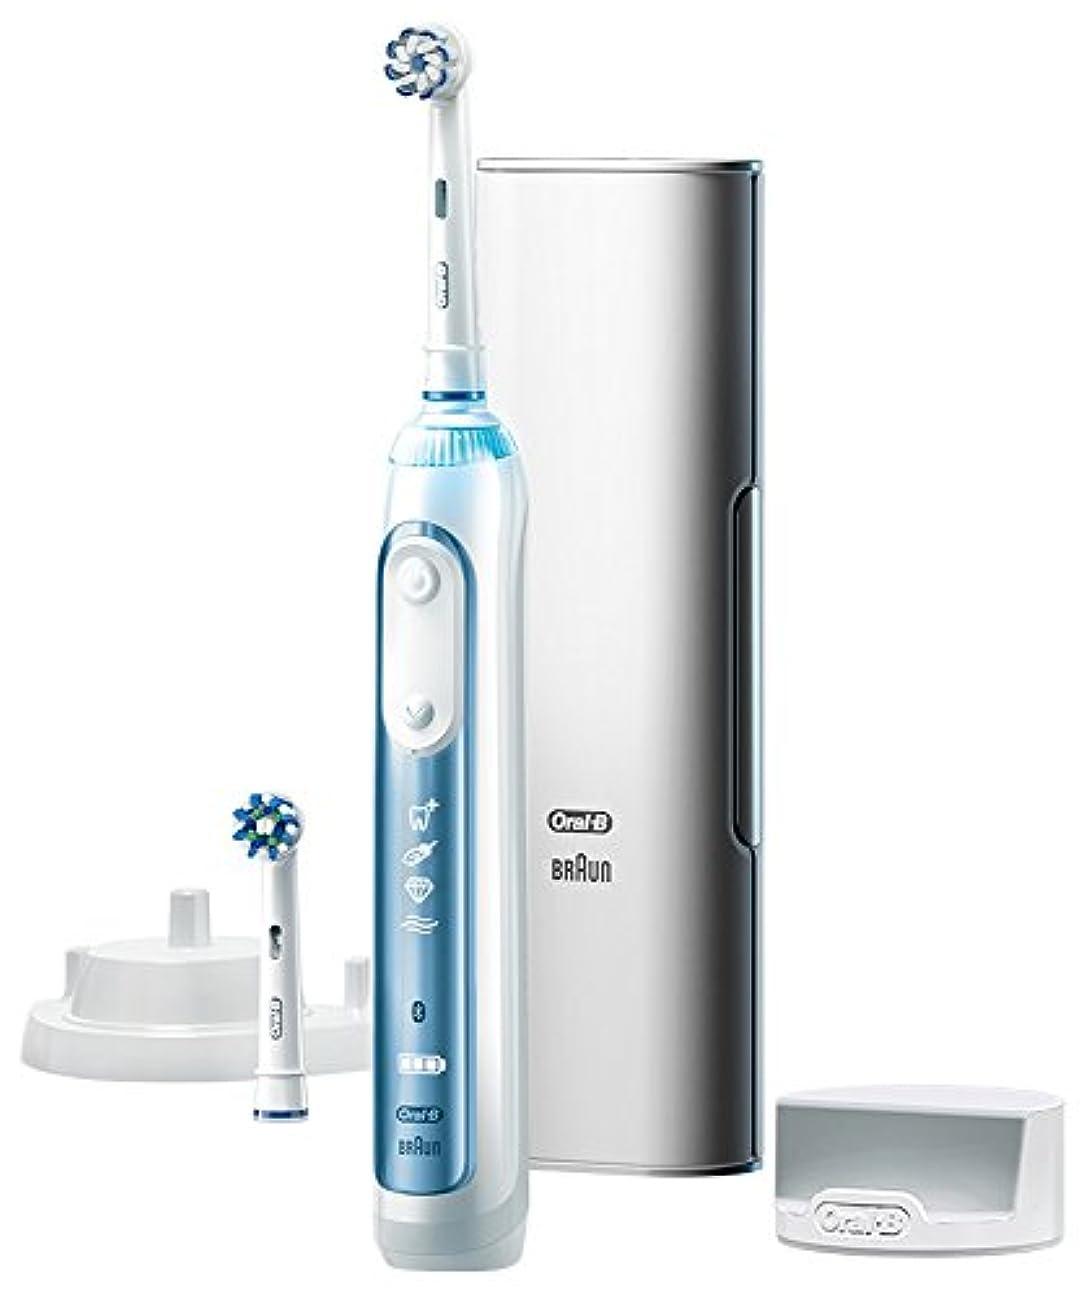 特異性断線うがい薬ブラウン オーラルB 電動歯ブラシ スマート7000 D7005245XP D7005245XP